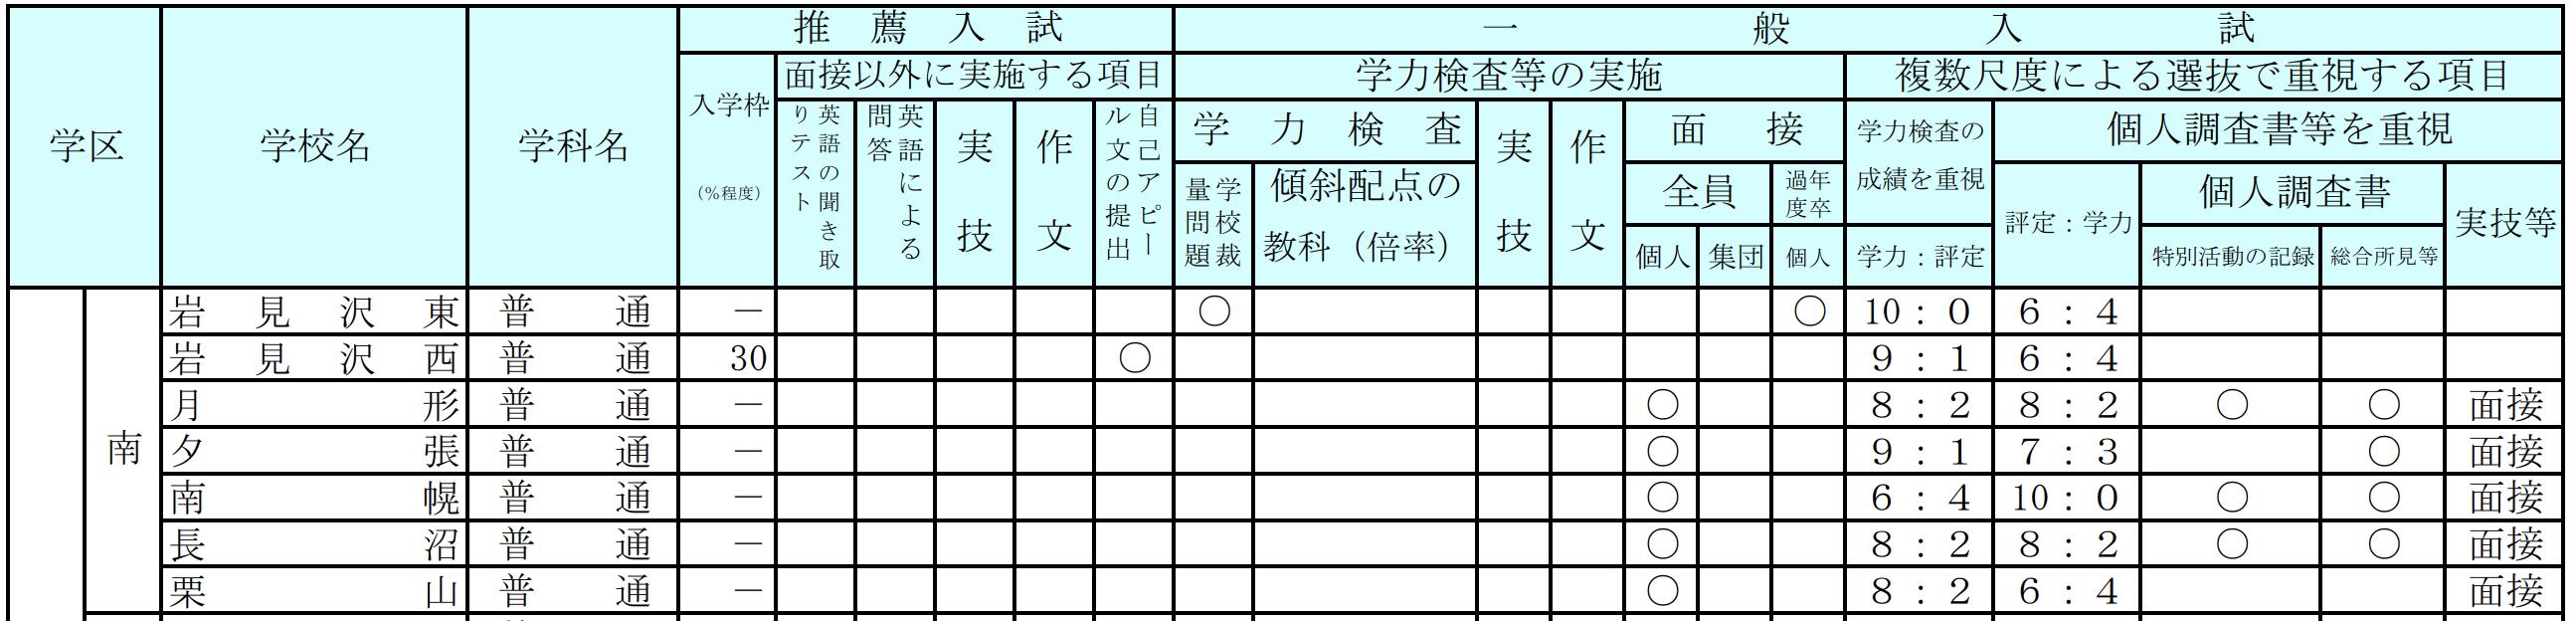 北海道公立高校入試制度5